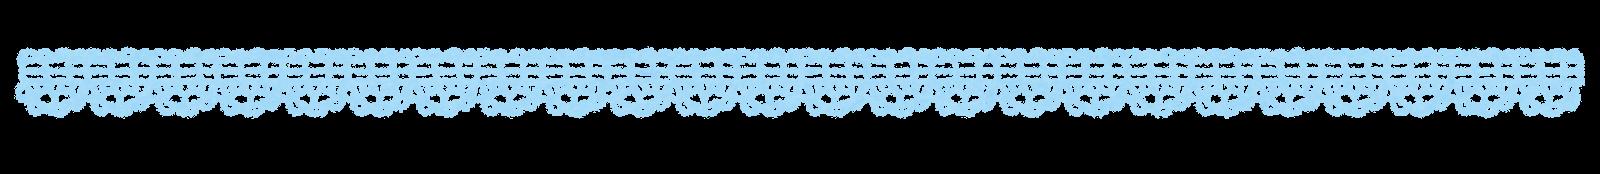 line_lace_blue.png (1600×174)